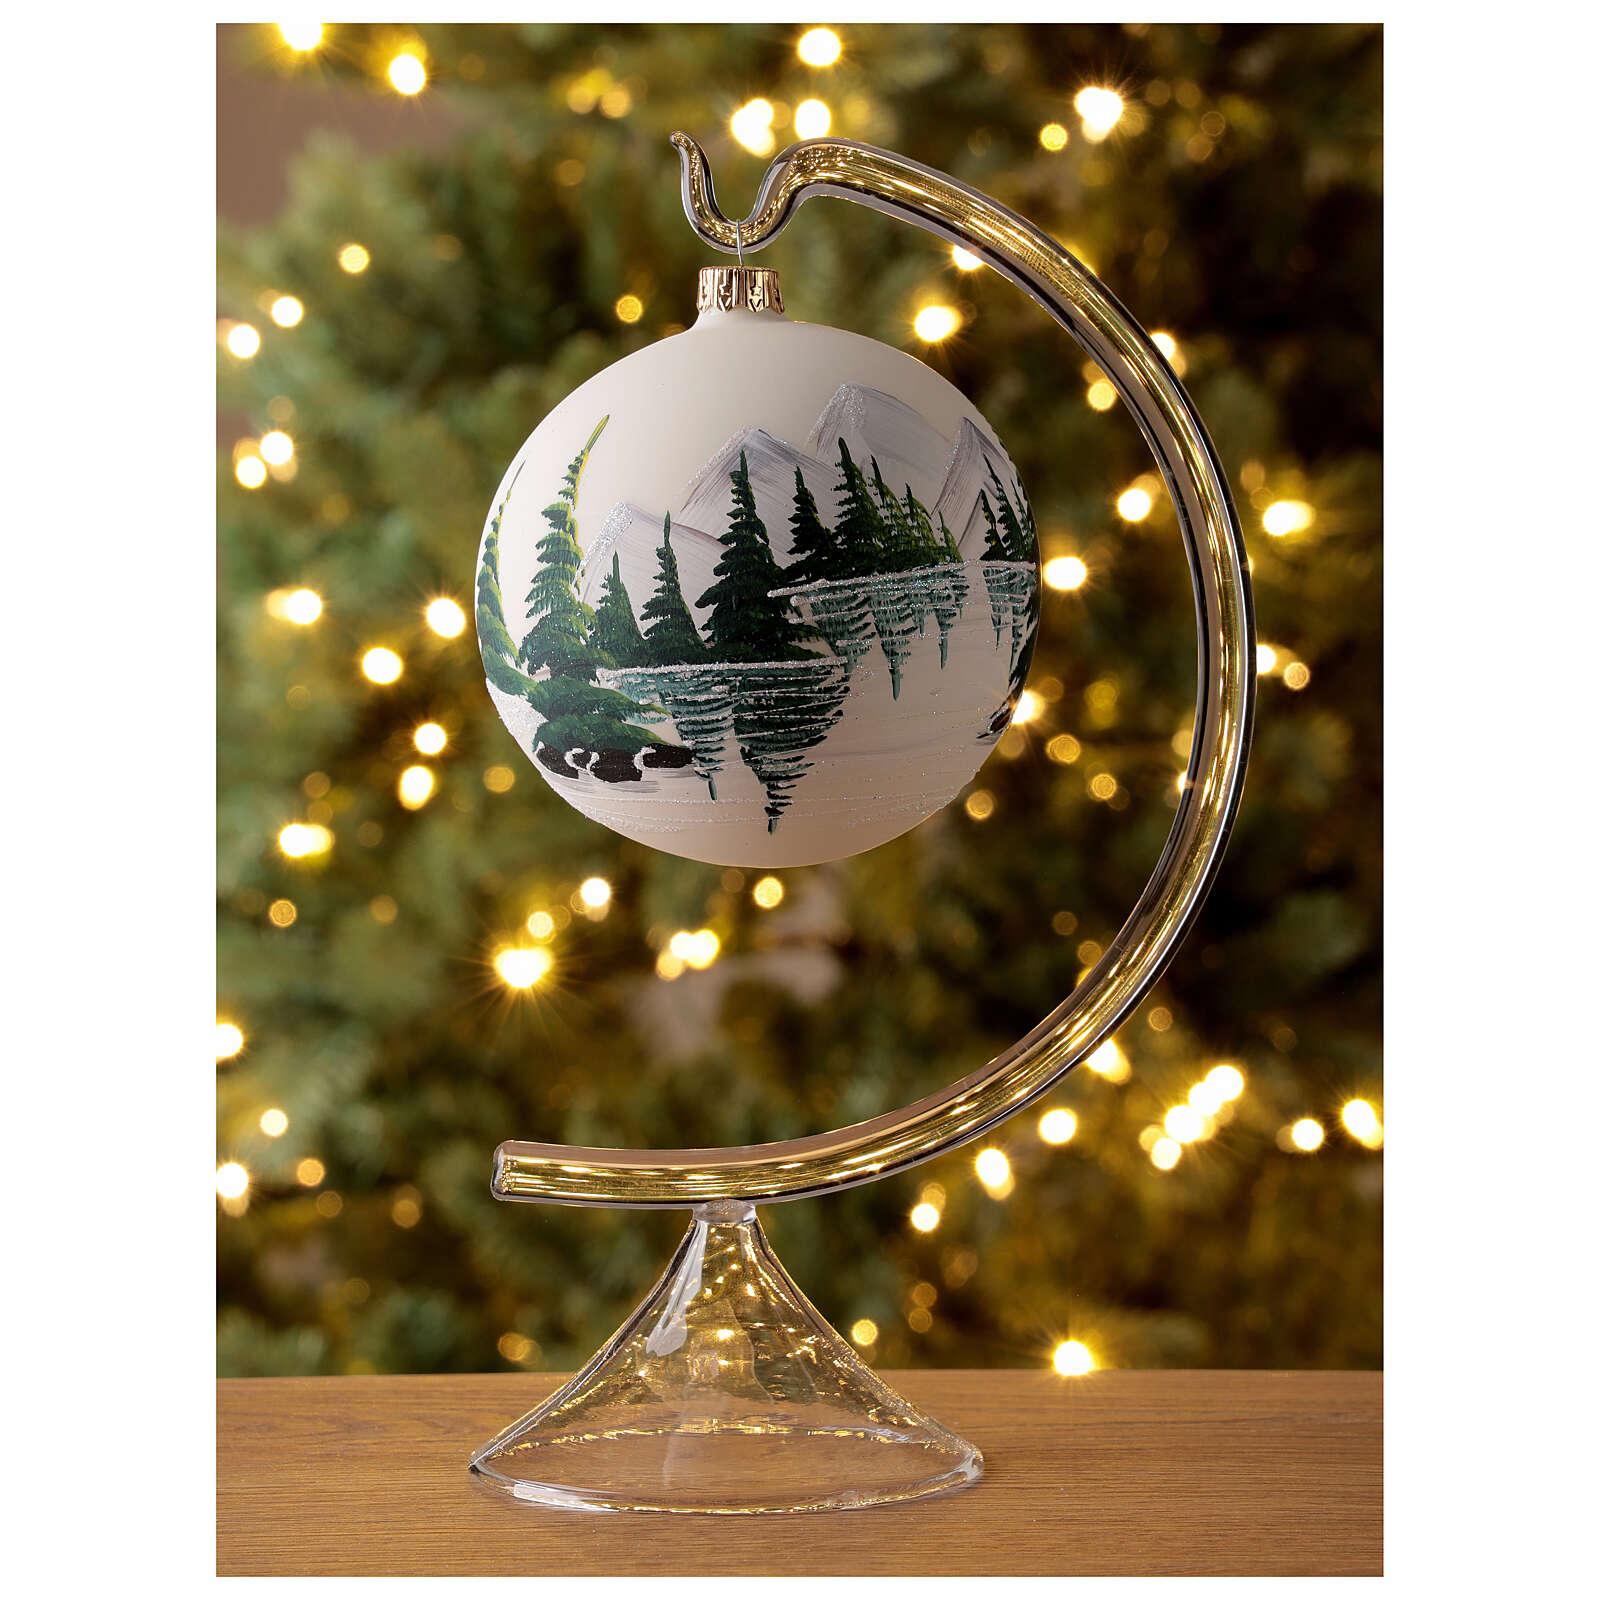 Bola árbol Navidad 100 mm vidrio soplado blanco paisaje nieve 4